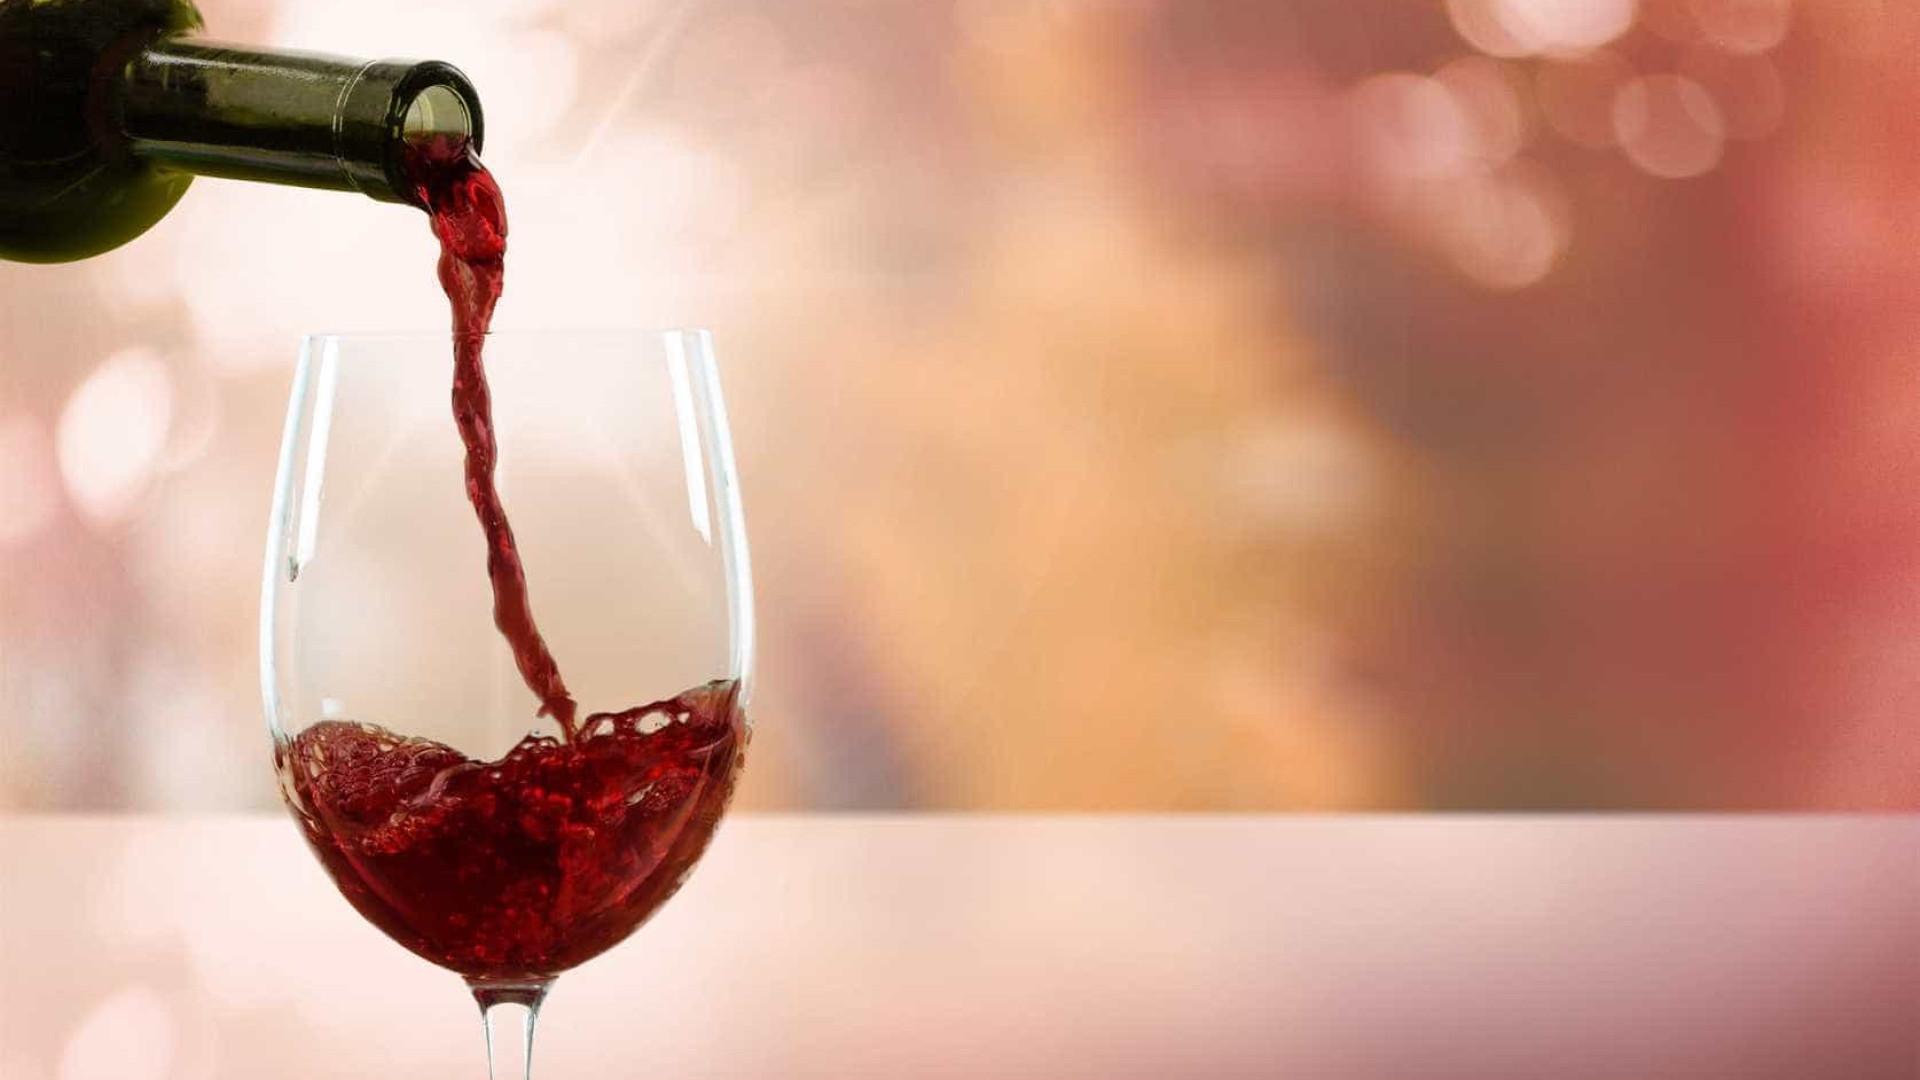 """Projeto de vinhos em Foz Côa em """"perfeito equilíbrio"""" ambiental"""